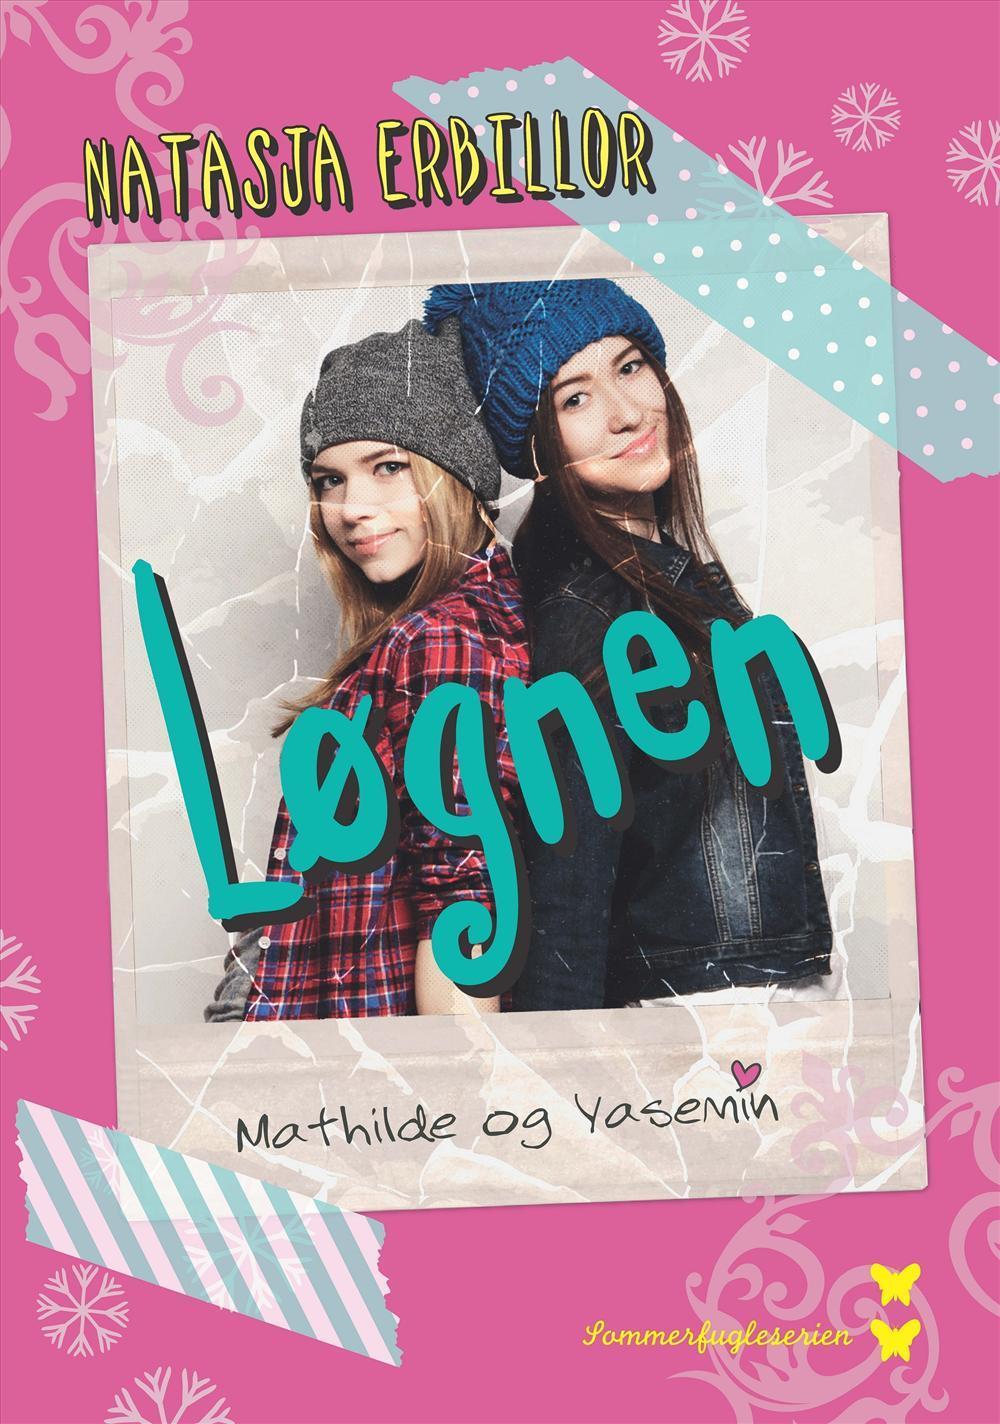 Sommerfugleserien: Løgnen - Natasja Erbillor - Bøger - Carlsen - 9788711566497 - 30/11-2016